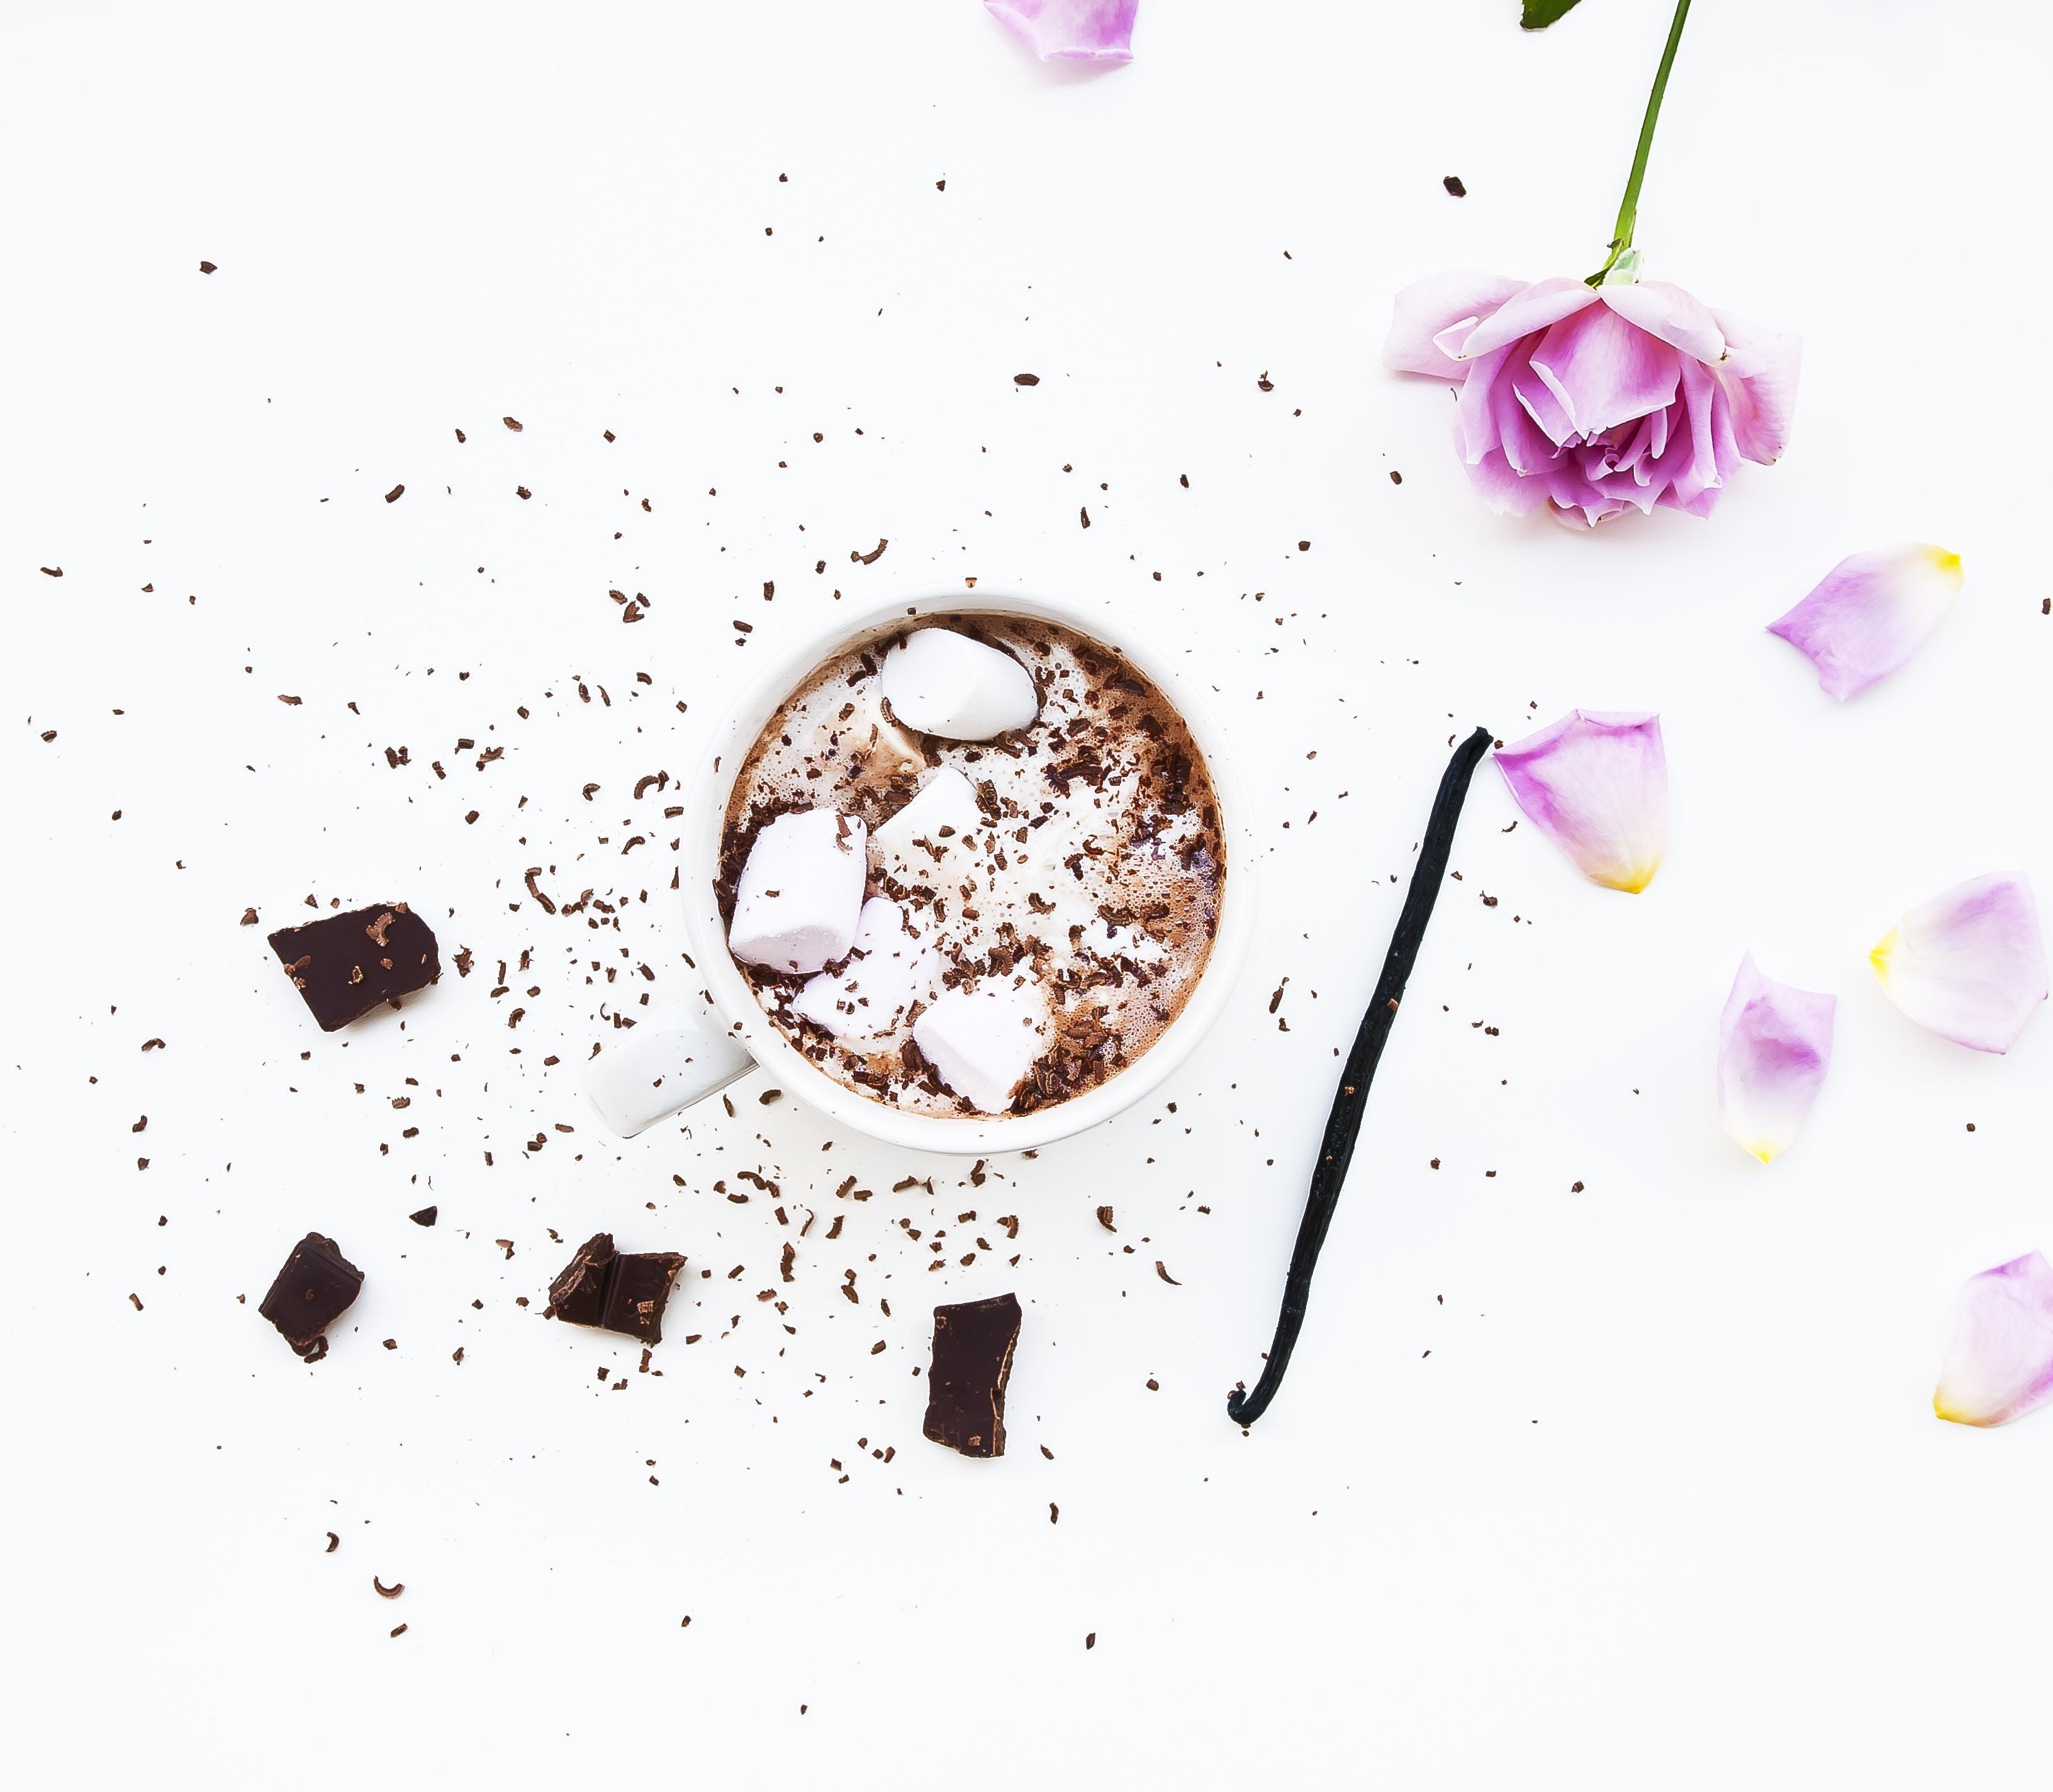 Csokoládé: a hölgyeknek boldogság, az uraknak energia